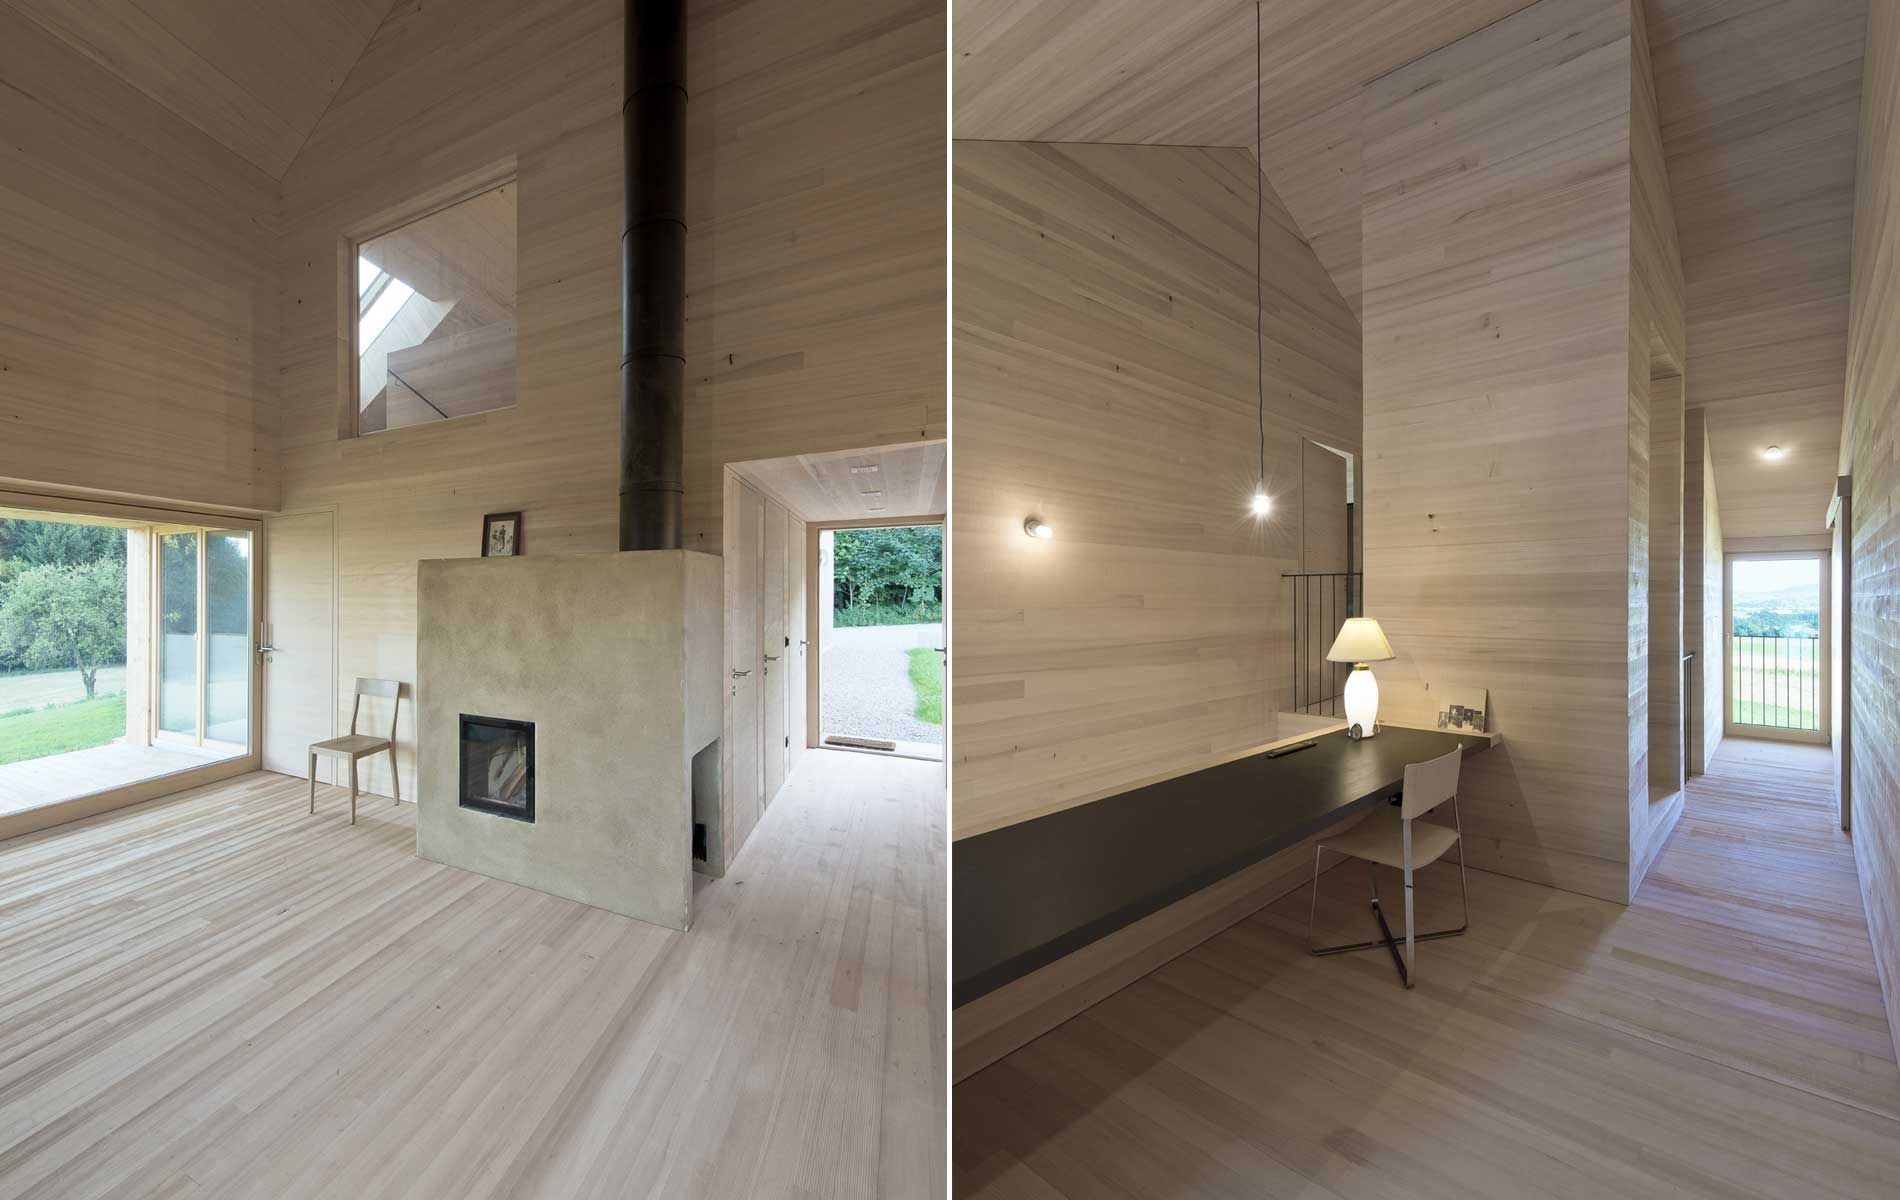 holzbau lehmofen home pinterest holzbau wochenendhaus und 60er jahre. Black Bedroom Furniture Sets. Home Design Ideas